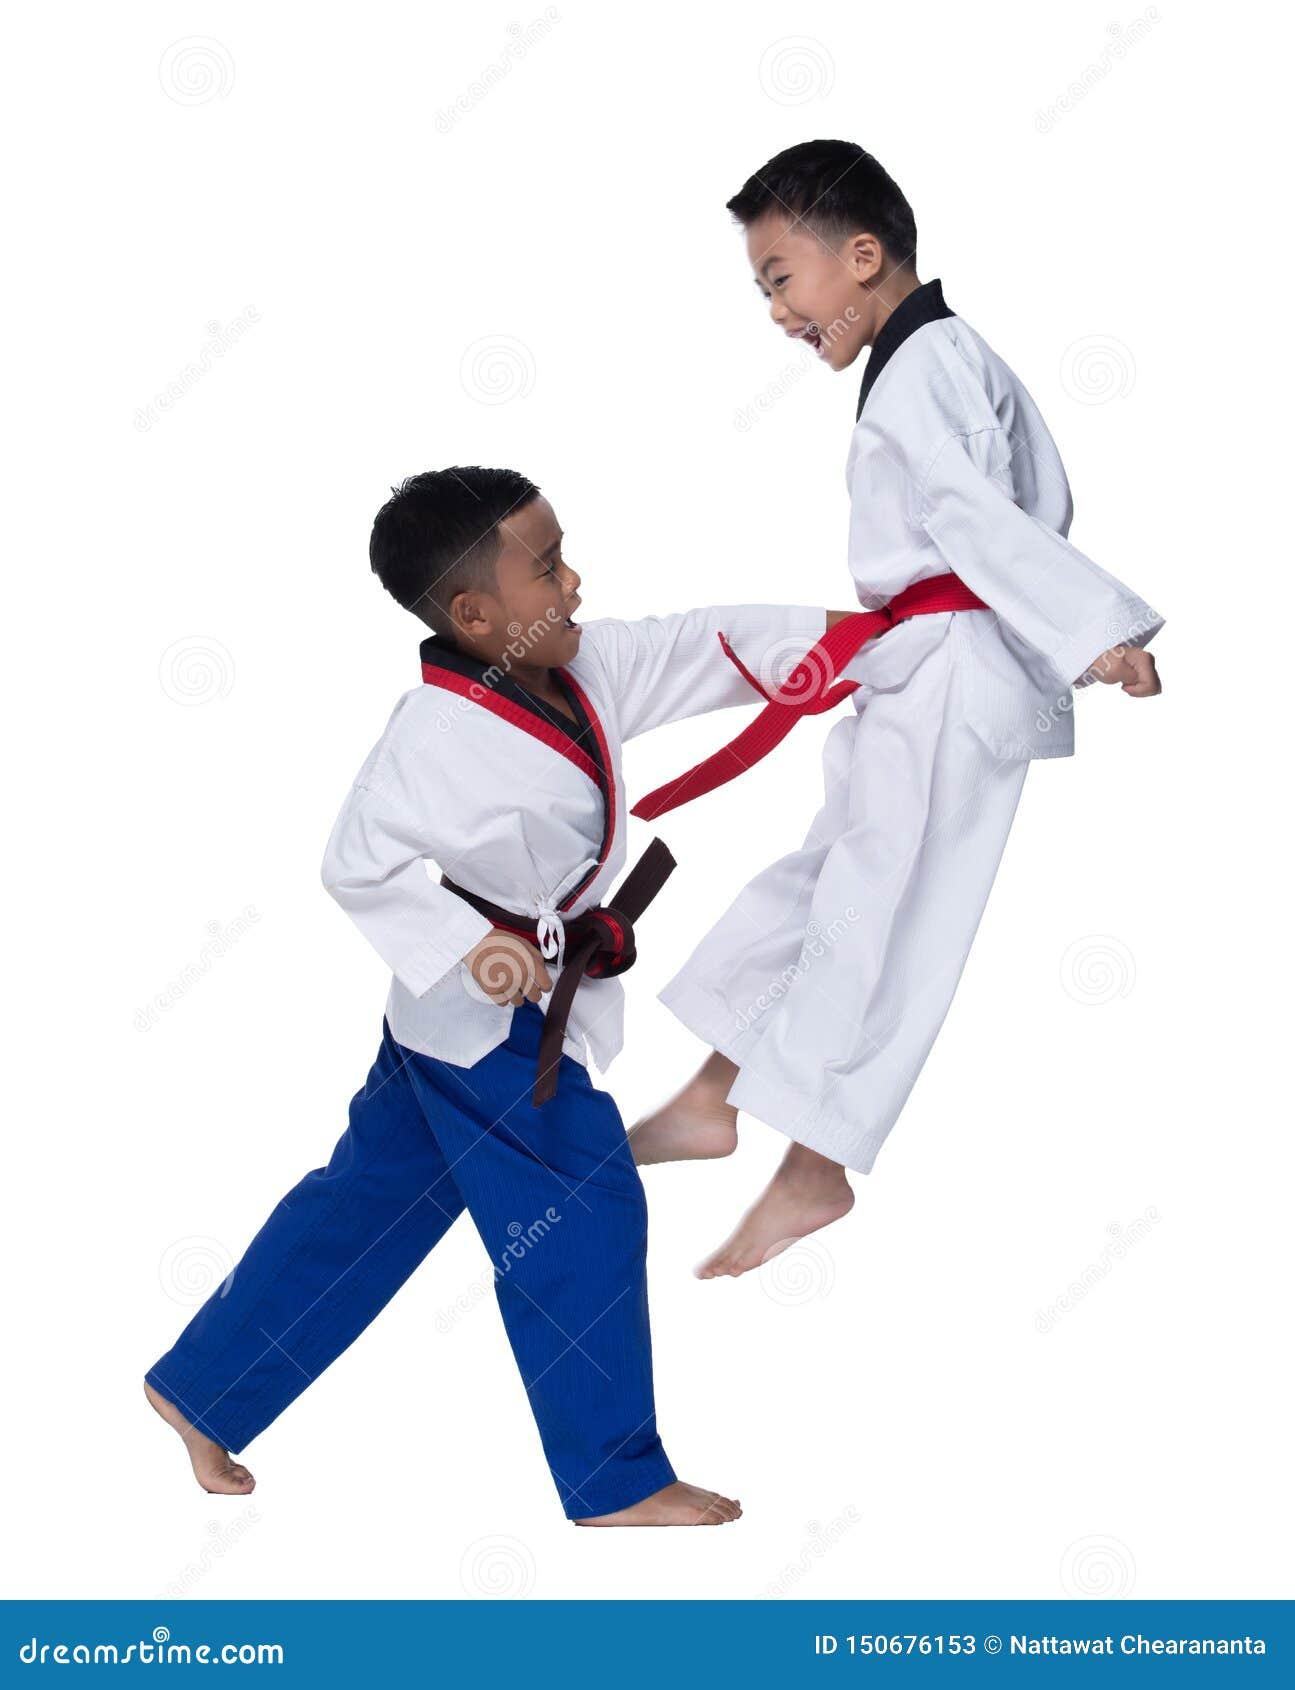 Instrutor mestre do professor de TaeKwonDo do cinturão negro